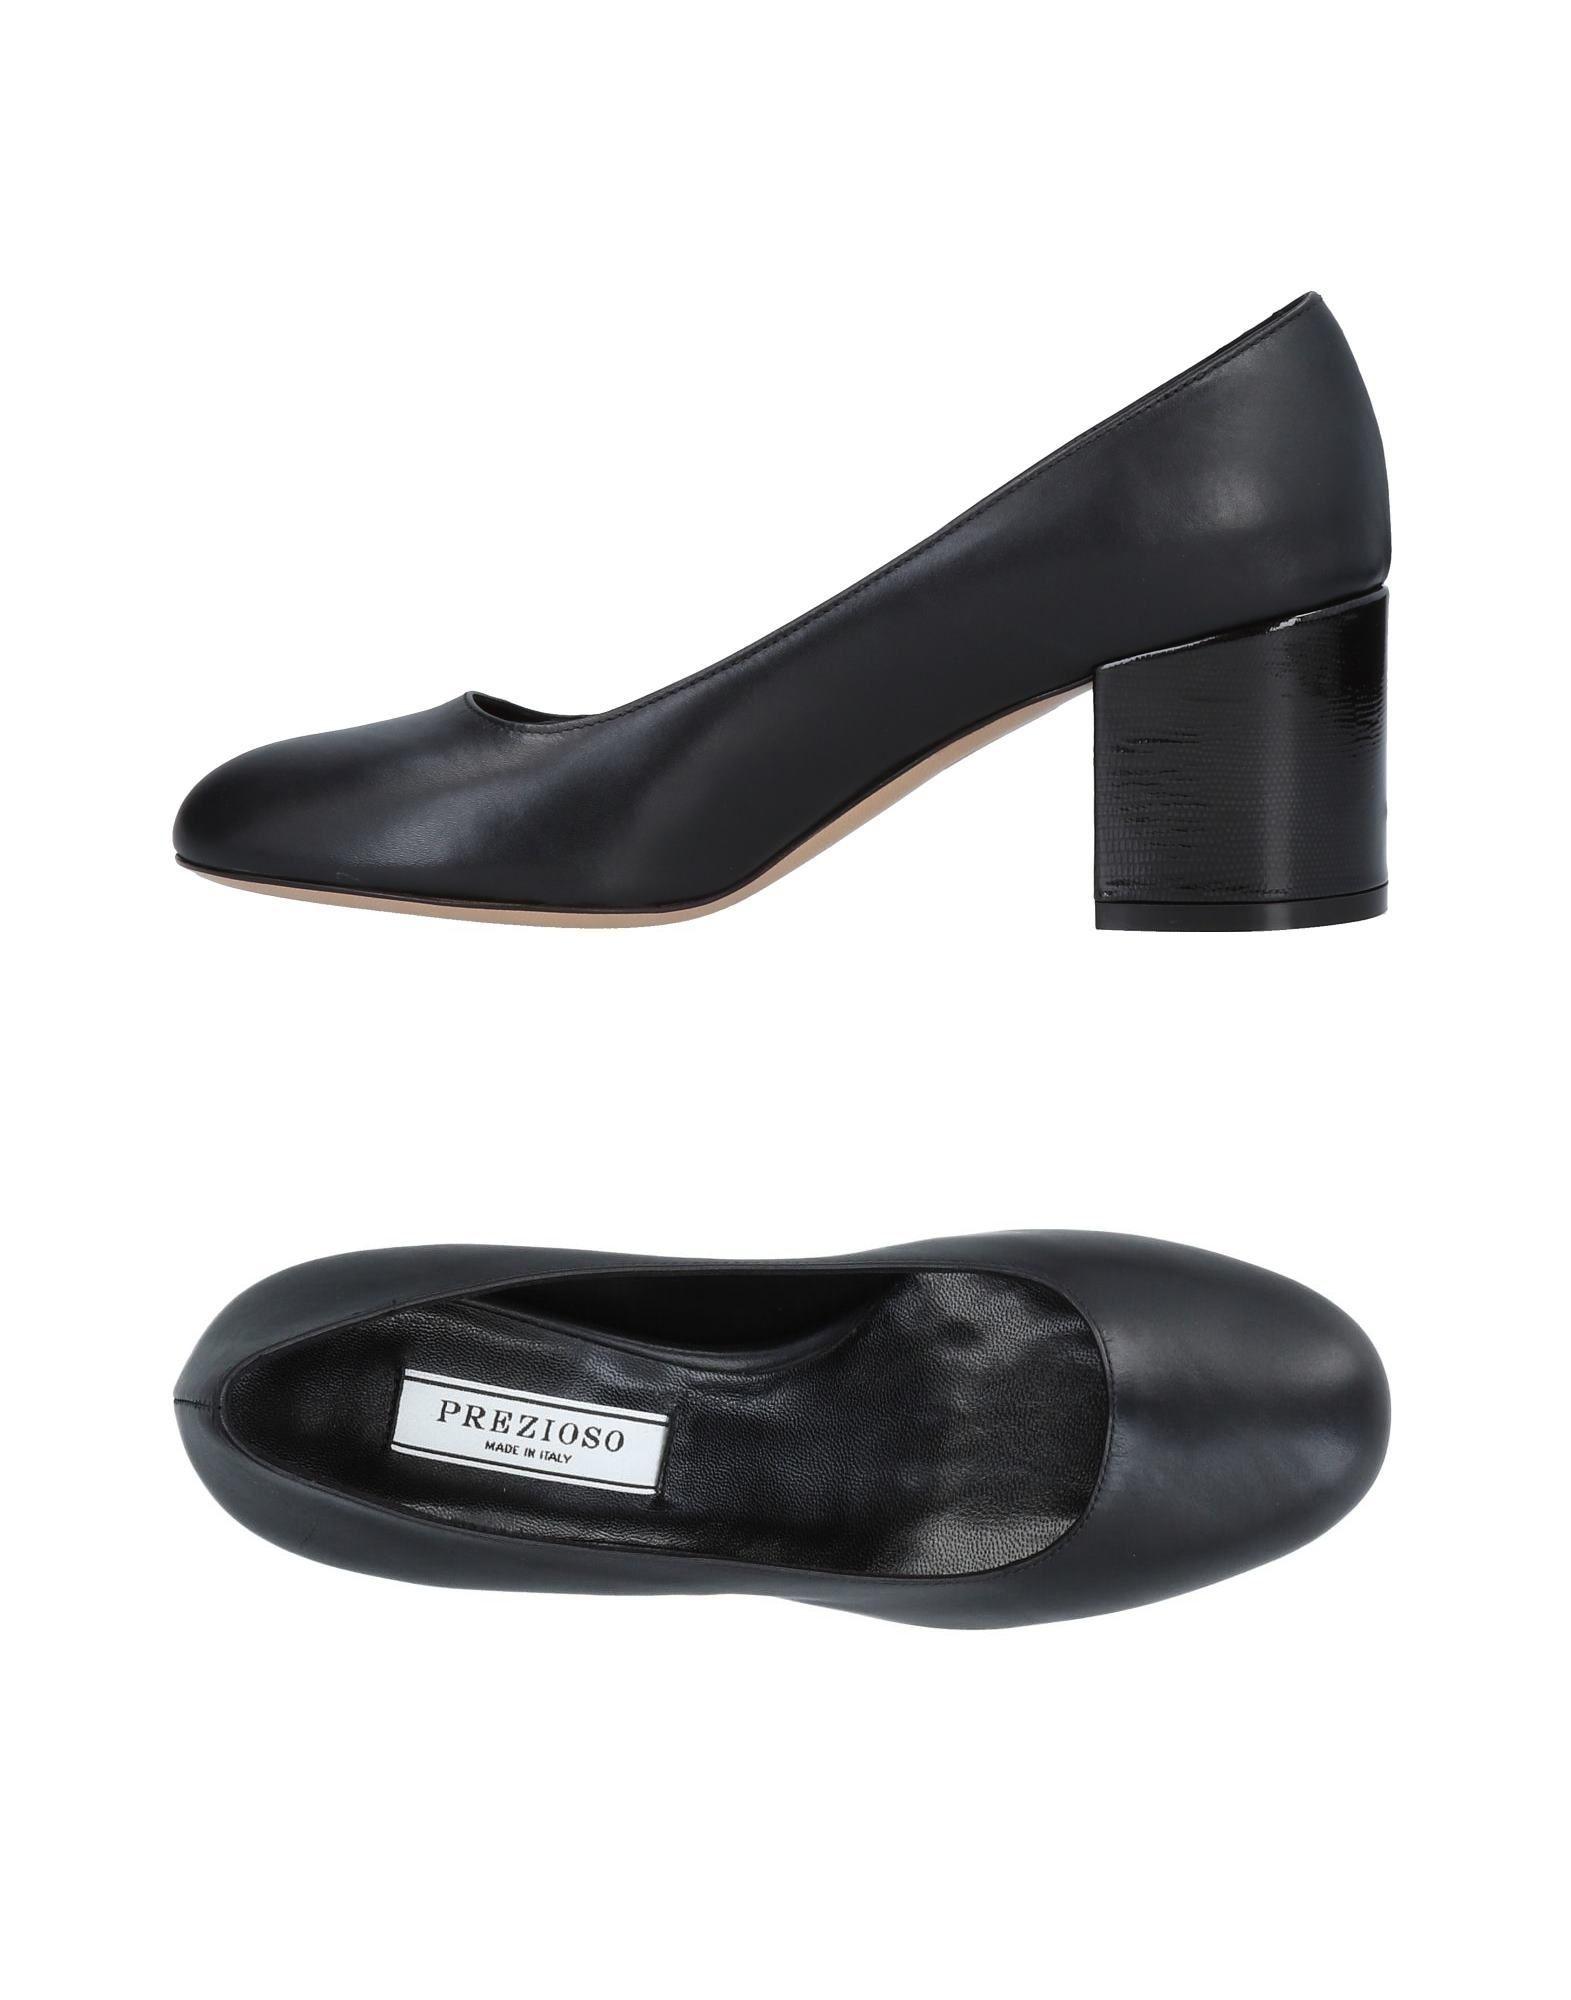 Prezioso Pumps Qualität Damen  11491820WK Gute Qualität Pumps beliebte Schuhe 904917